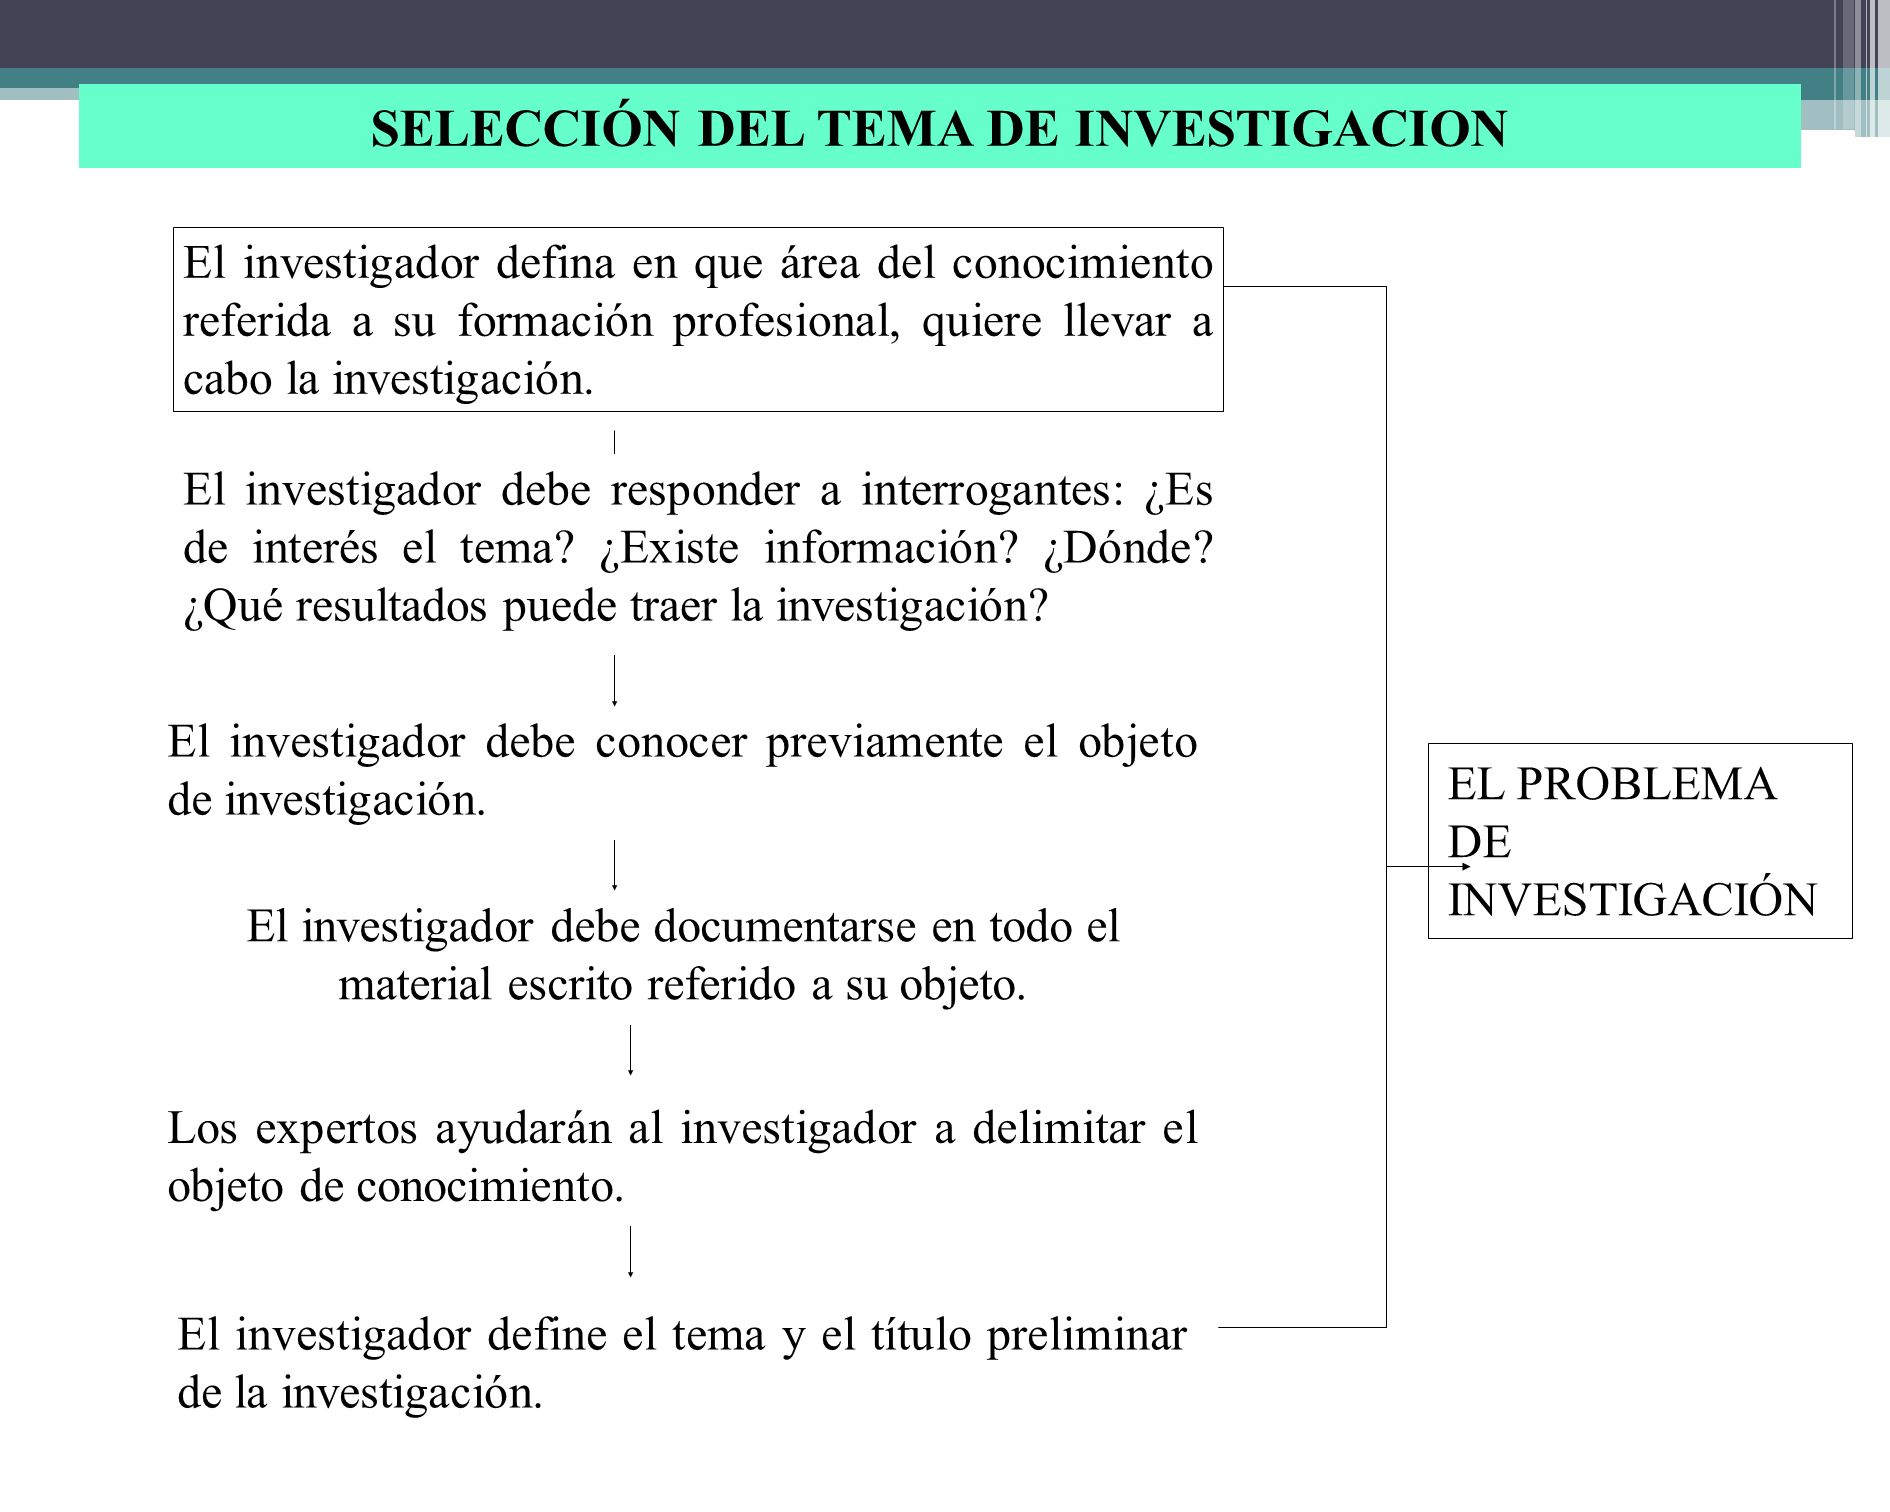 SELECCIÓN DEL TEMA DE INVESTIGACION